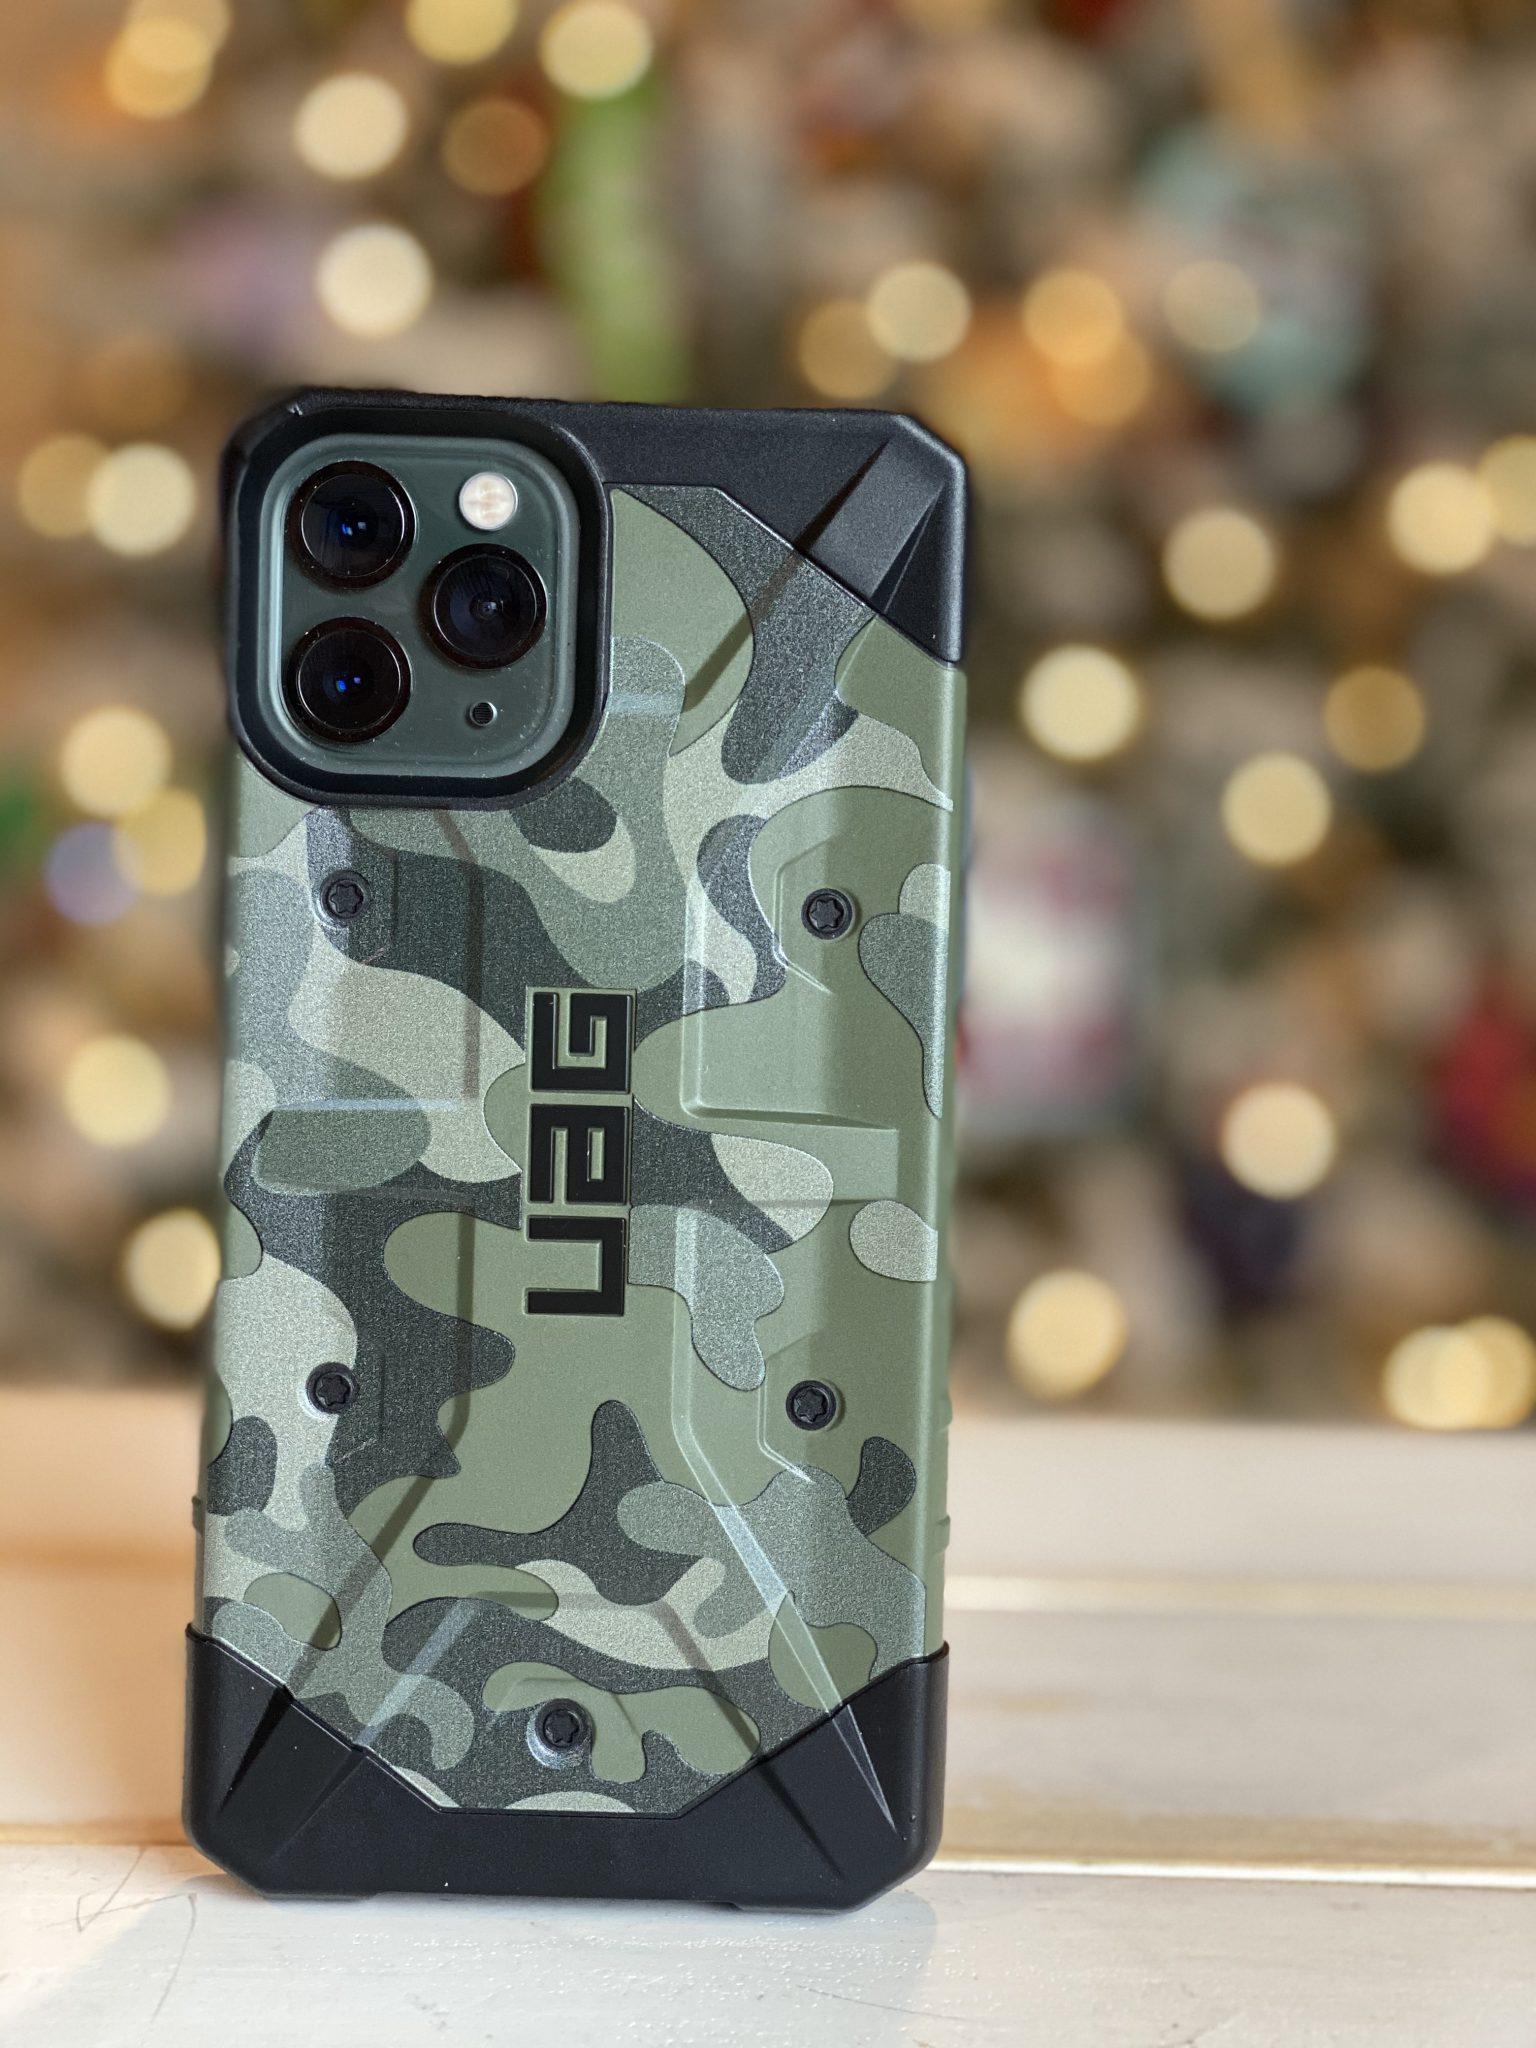 UAG phone case